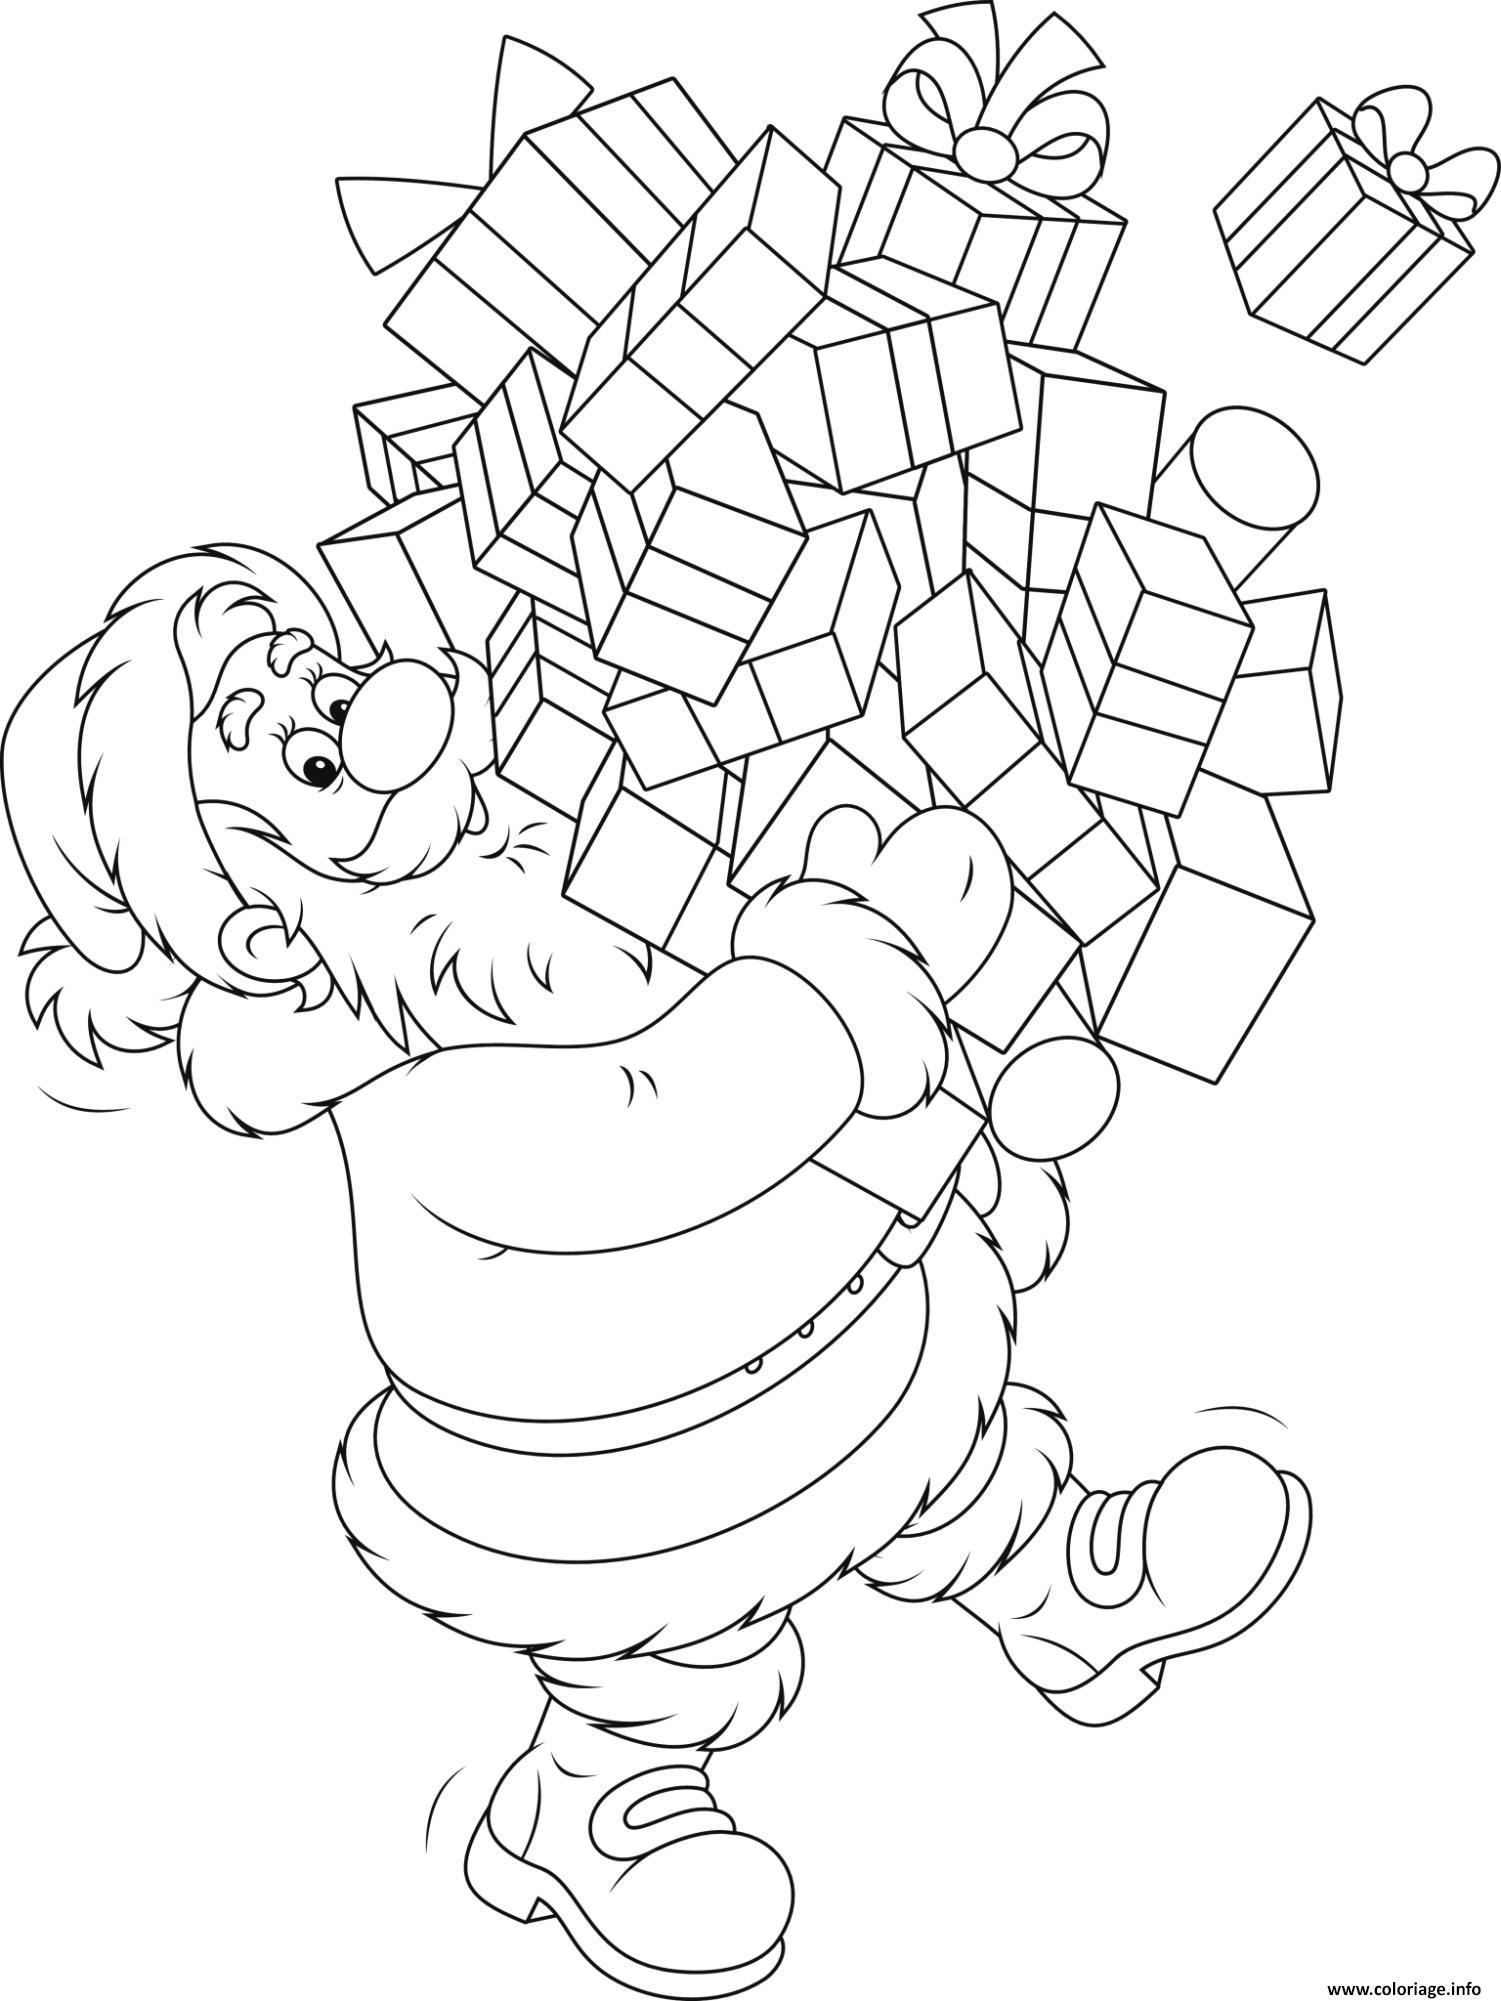 pere noel avec pleins de cadeaux de noel coloriage